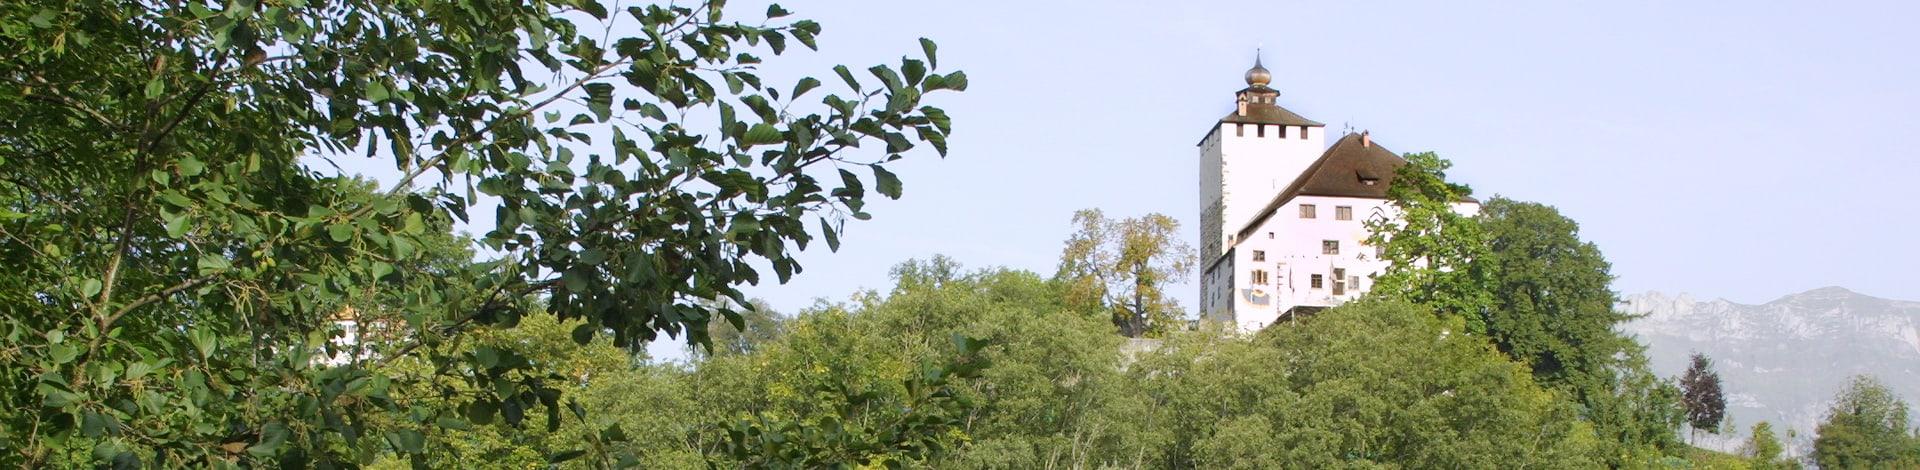 Campagne dans la région de Buchs